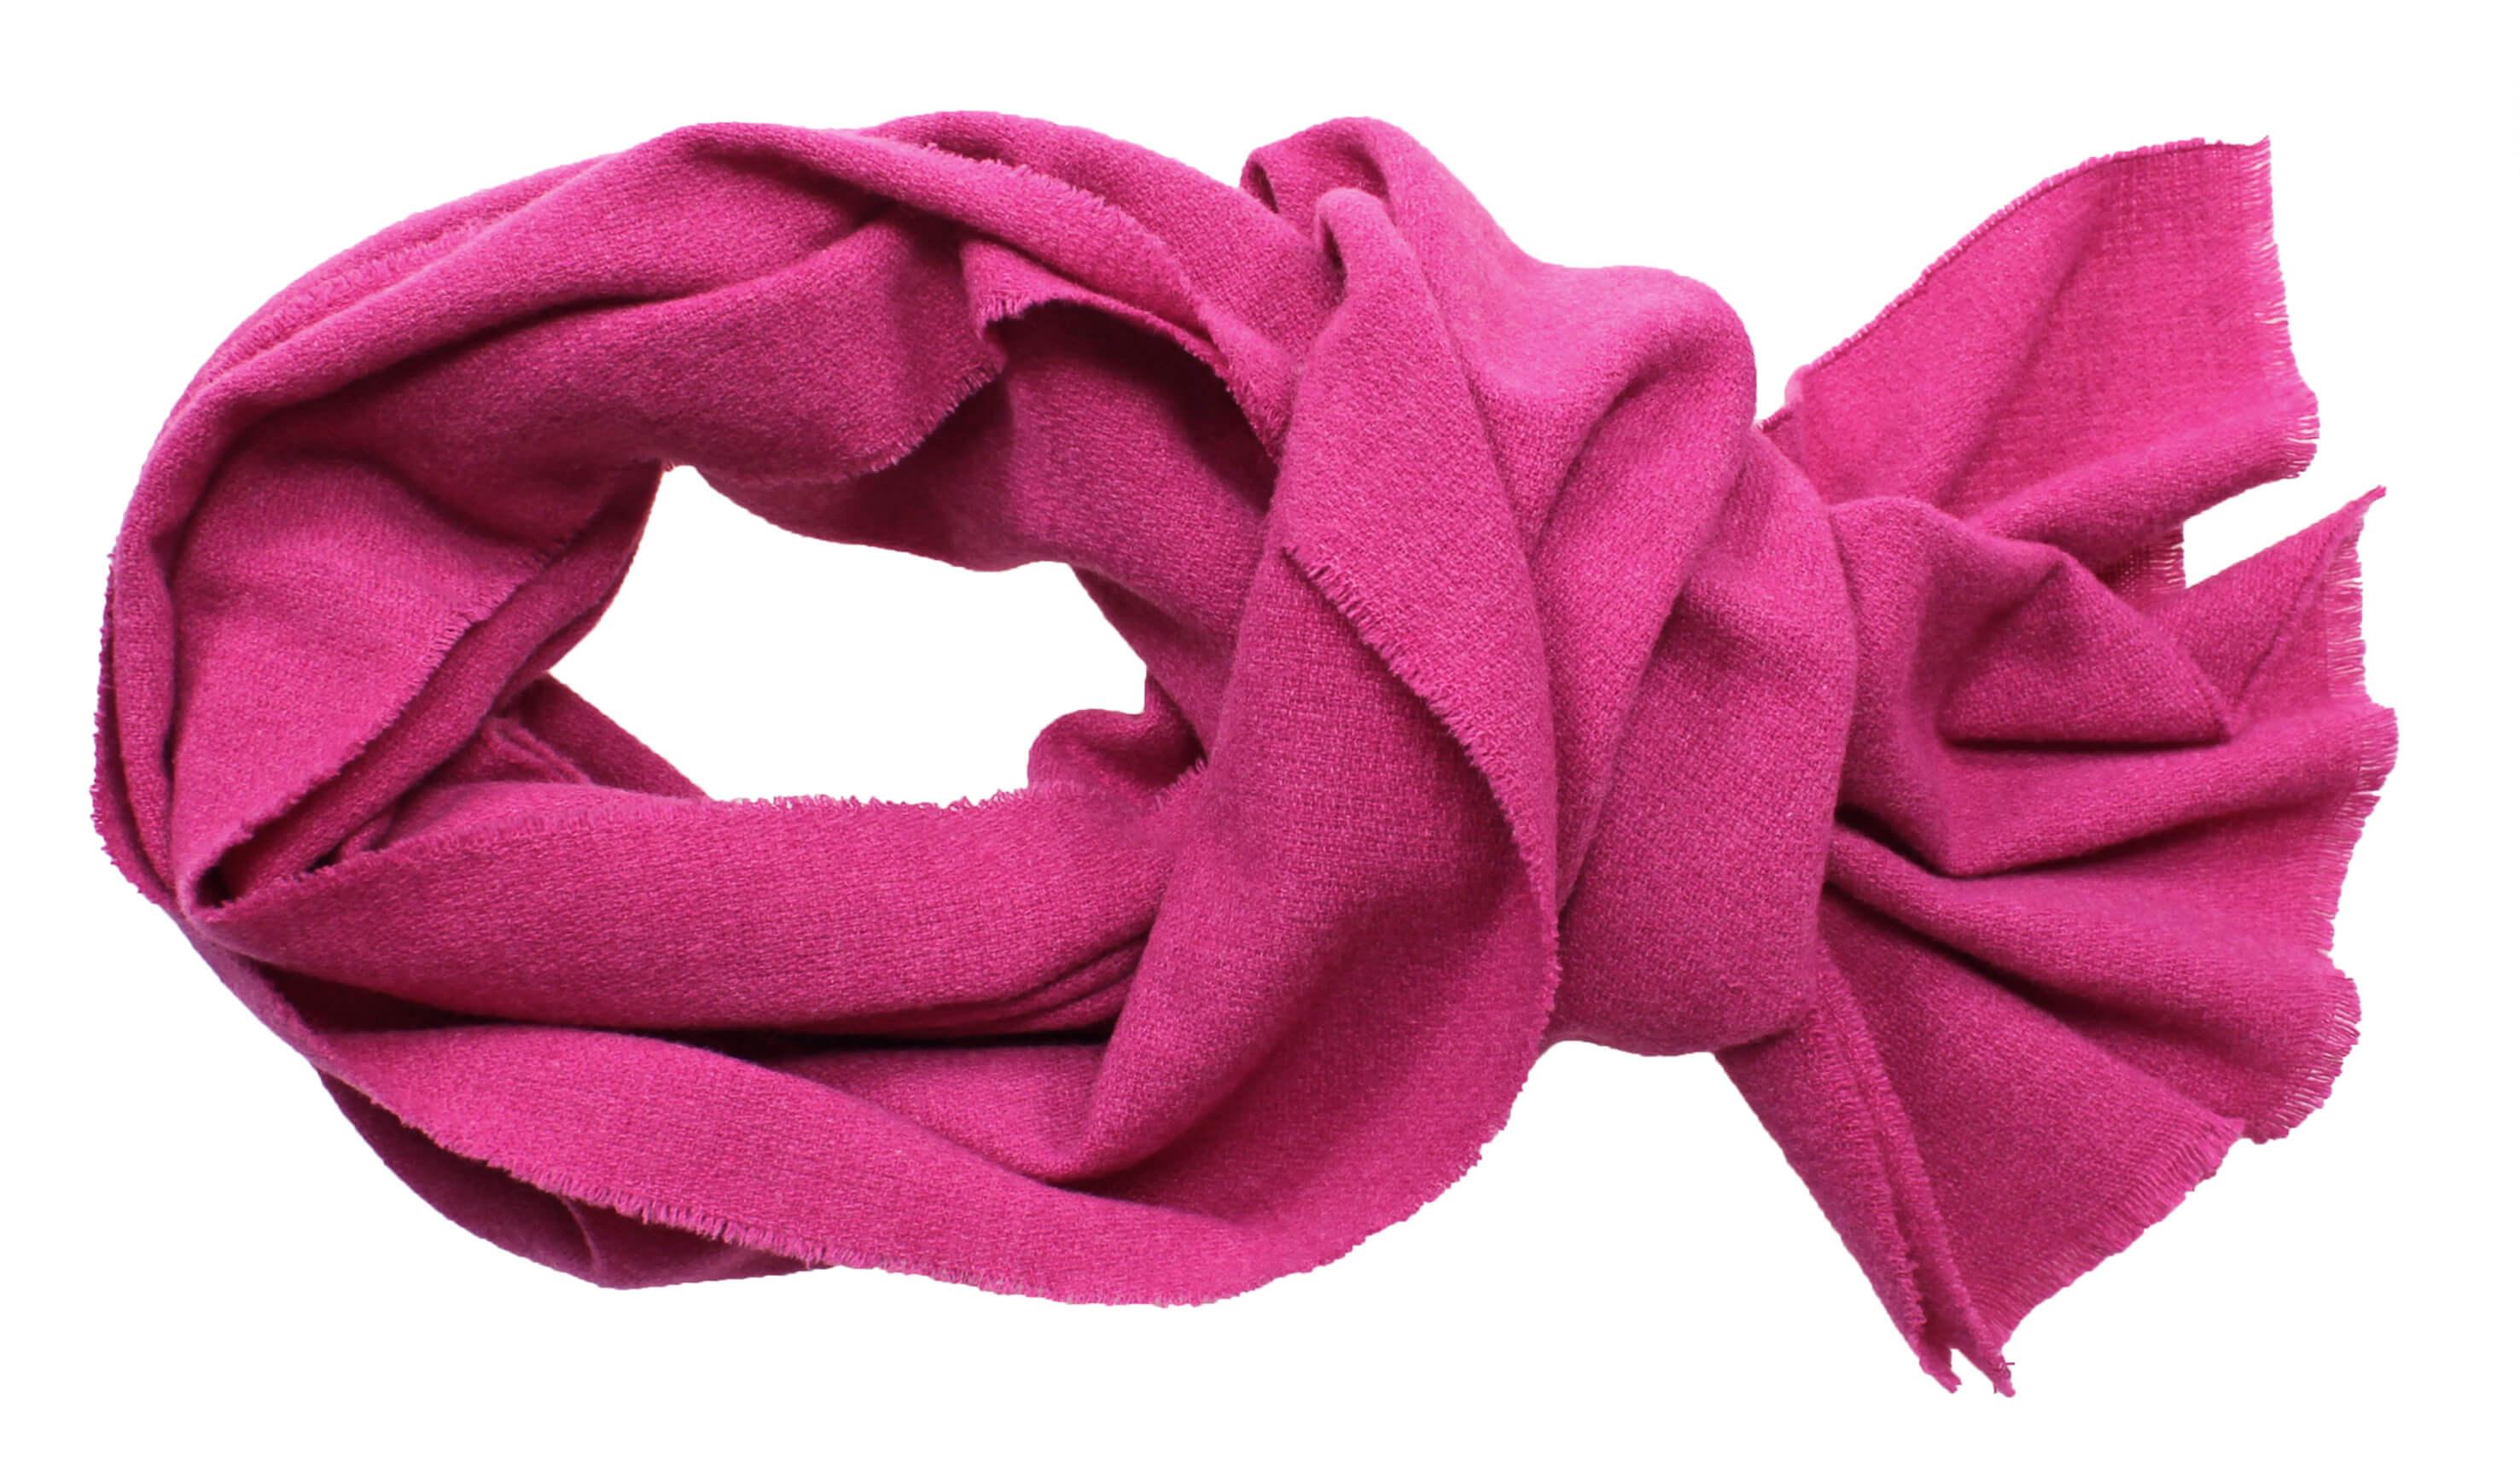 Bild von 012-0100col110, Variante pink